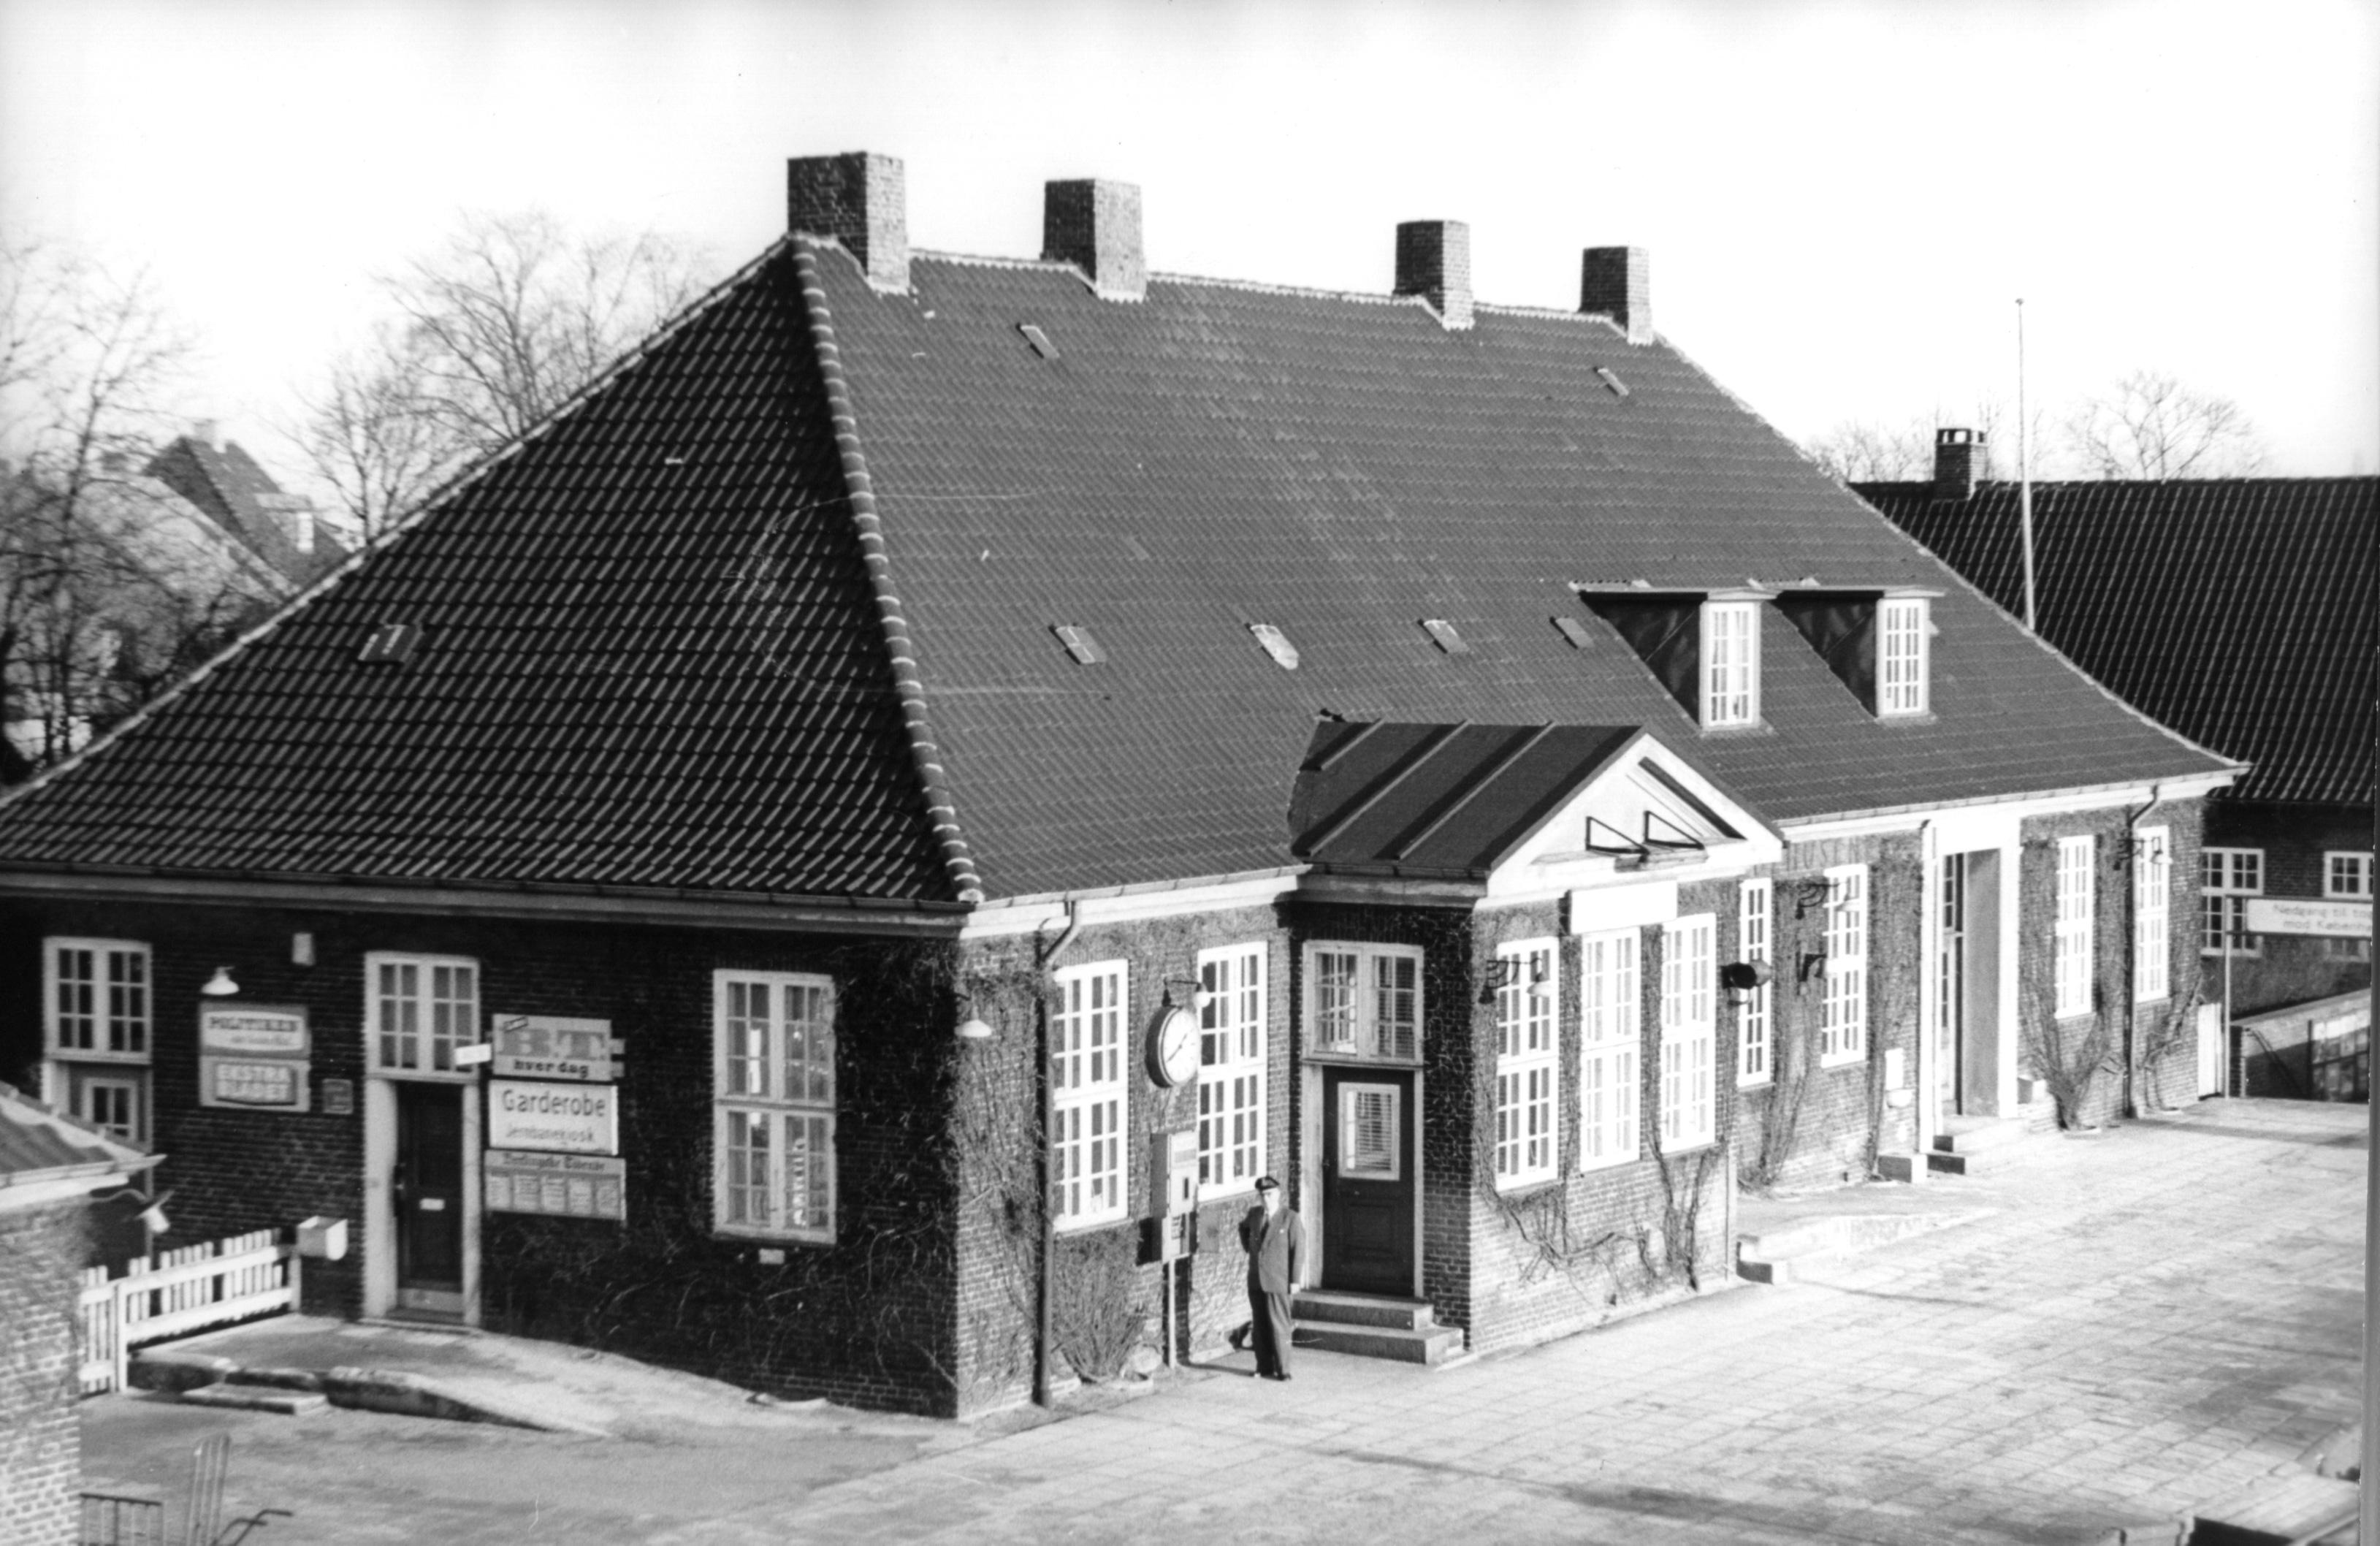 Hedehusene Station